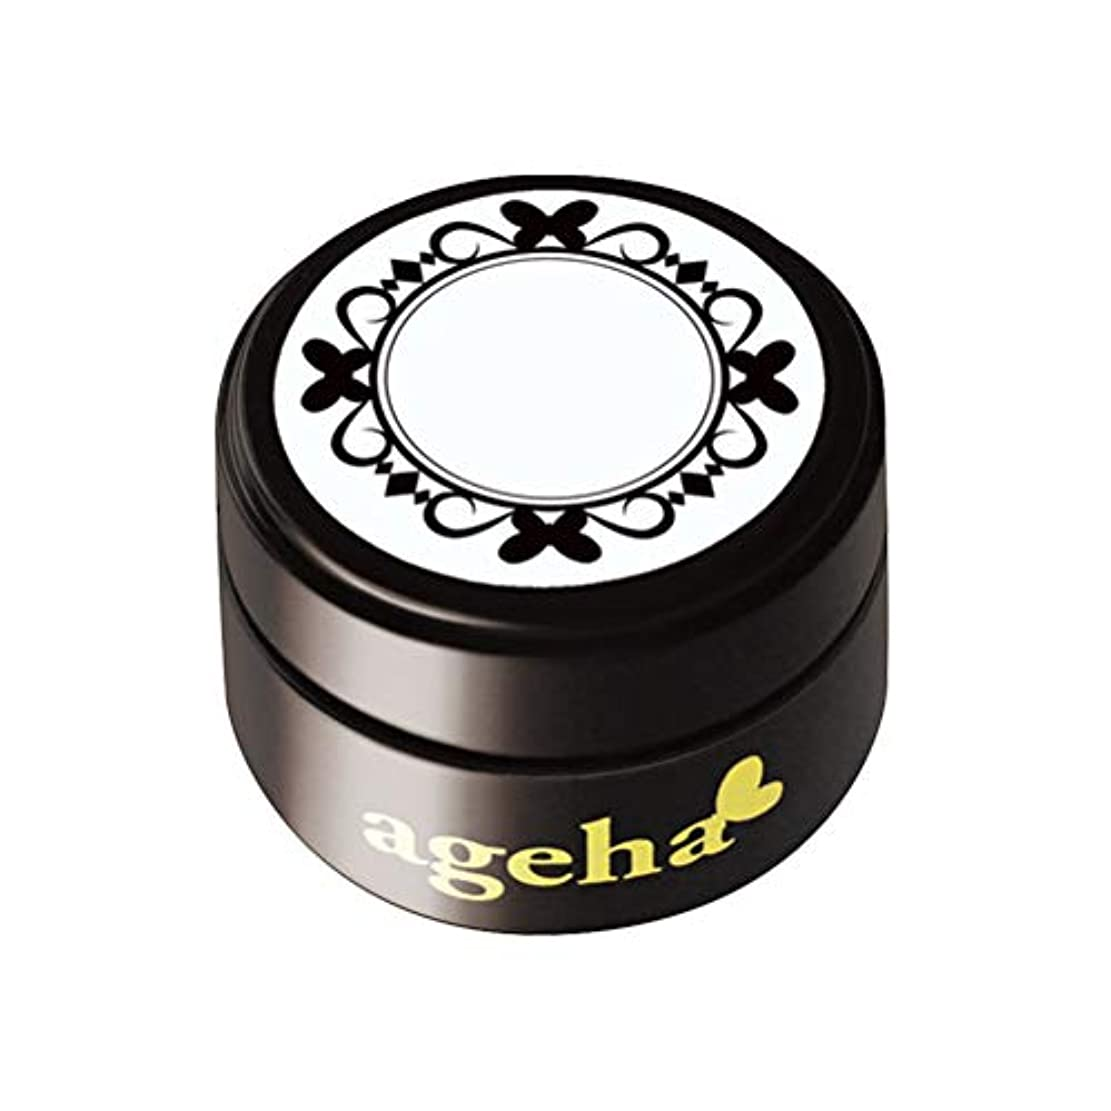 前者満足評論家ageha コスメカラー 230 レトロピンク 2.7g UV/LED対応